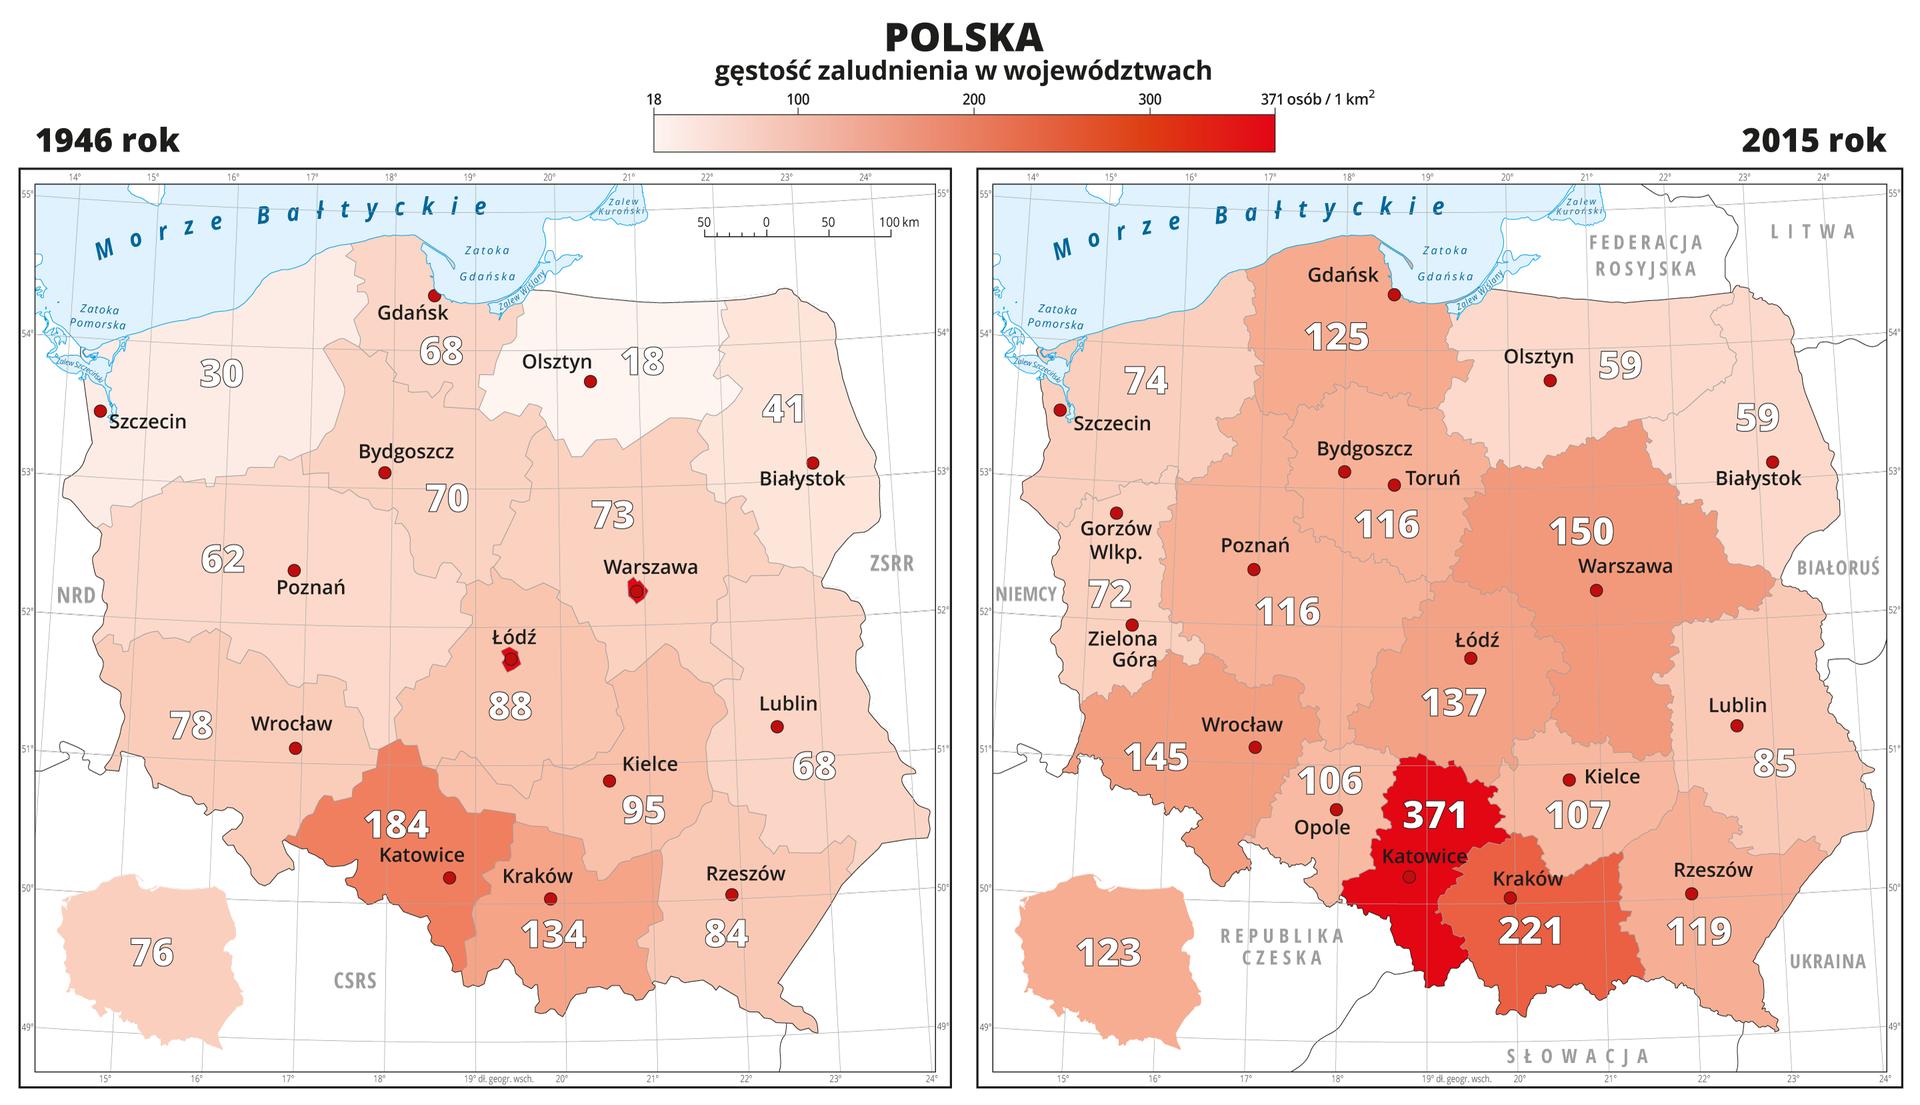 Ilustracja przedstawia dwie mapy Polski zpodziałem na województwa iobrazuje gęstość zaludnienia wtysiąc dziewięćset czterdziestym szóstym roku idwa tysiące piętnastym roku. Granice województw zaznaczone są białą linią. Czerwonymi kropkami zaznaczono miasta wojewódzkie. Odcieniami koloru pomarańczowego oznaczono liczbę mieszkańców na jeden kilometr kwadratowy według województw. Największa gęstość zaludnienia na obu mapach jest wwojewództwie śląskim (184 i371) imałopolskim (dawniej krakowskim) (134 i221). Najniższa gęstość zaludnienia jest wobu przypadkach wwojewództwie warmińsko-mazurskim (dawniej olsztyńskim) (18 i59). Na pierwszej mapie wartości dla poszczególnych województw są średnio dwa razy mniejsze niż na drugiej iwynoszą od osiemnastu do stu osiemdziesięciu czterech osób na kilometr kwadratowy. Na drugiej mapie wynoszą odpowiednio od pięćdziesięciu dziewięciu do trzystu siedemdziesięciu jeden. Podano średnią wartość gęstości zaludnienia dla Polski wobu latach – 76 i123. Mapy pokryte są równoleżnikami ipołudnikami. Dookoła map wbiałych ramkach opisano współrzędne geograficzne co jeden stopień.